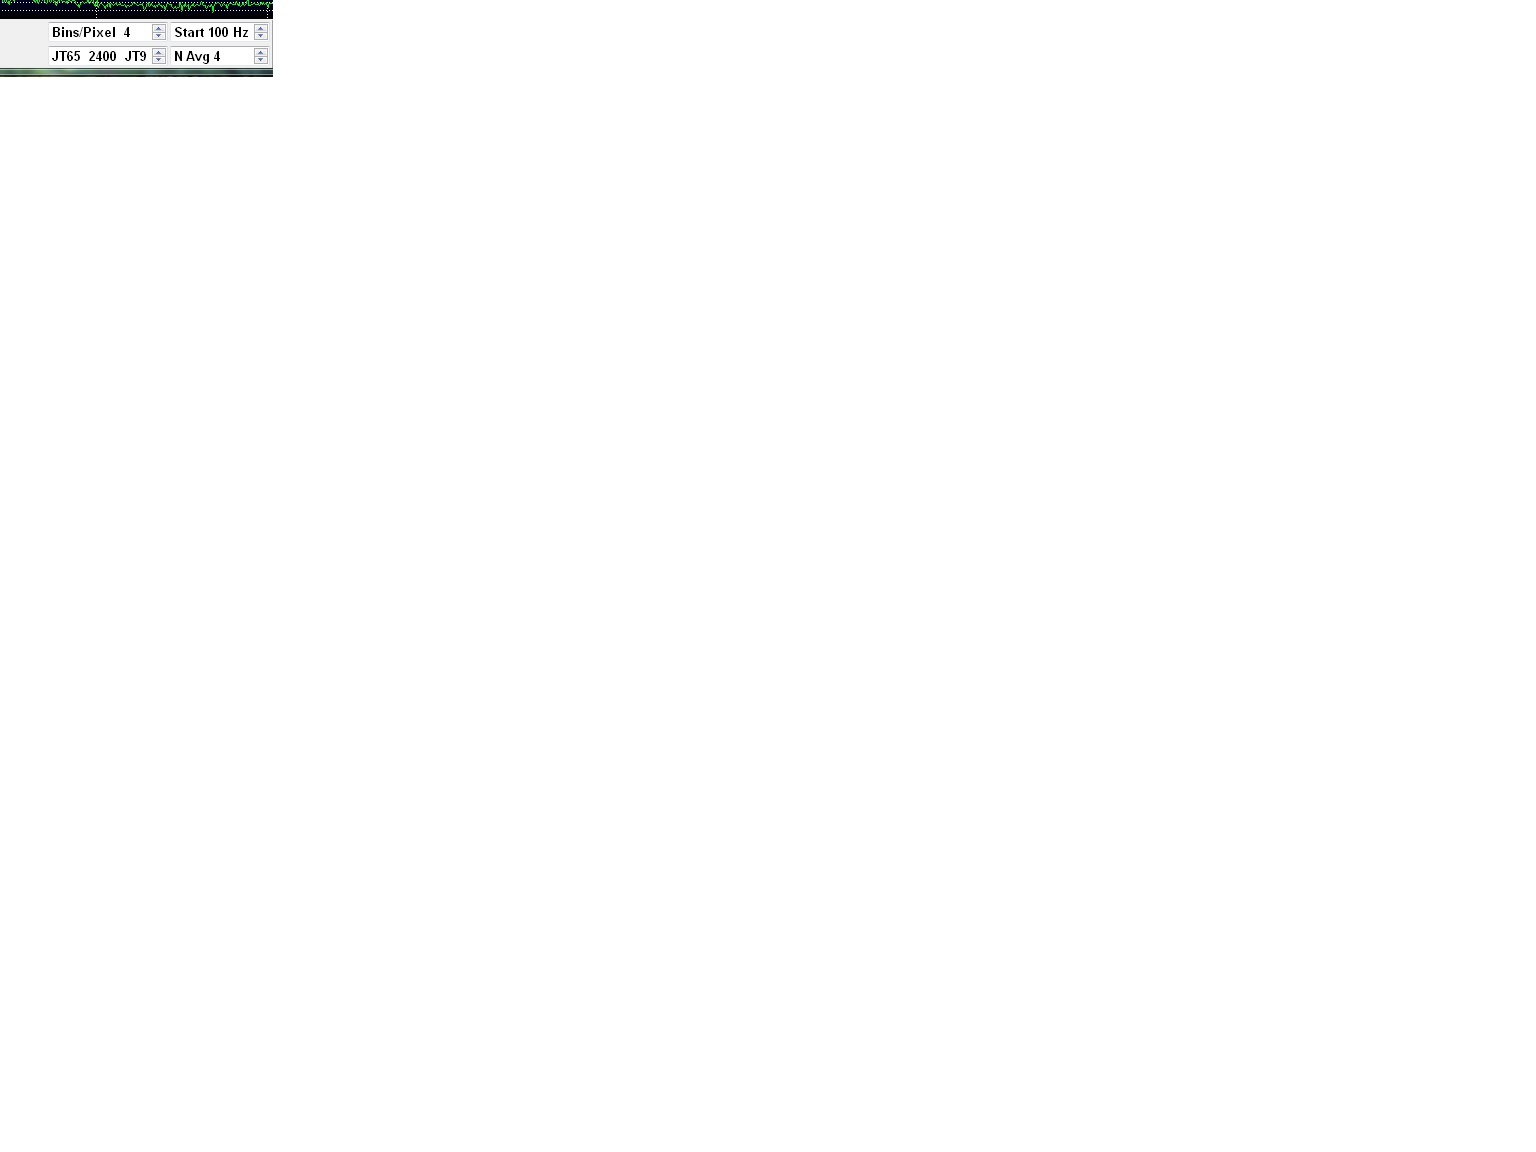 Нажмите на изображение для увеличения.  Название:JT9.jpg Просмотров:95 Размер:40.9 Кб ID:199538